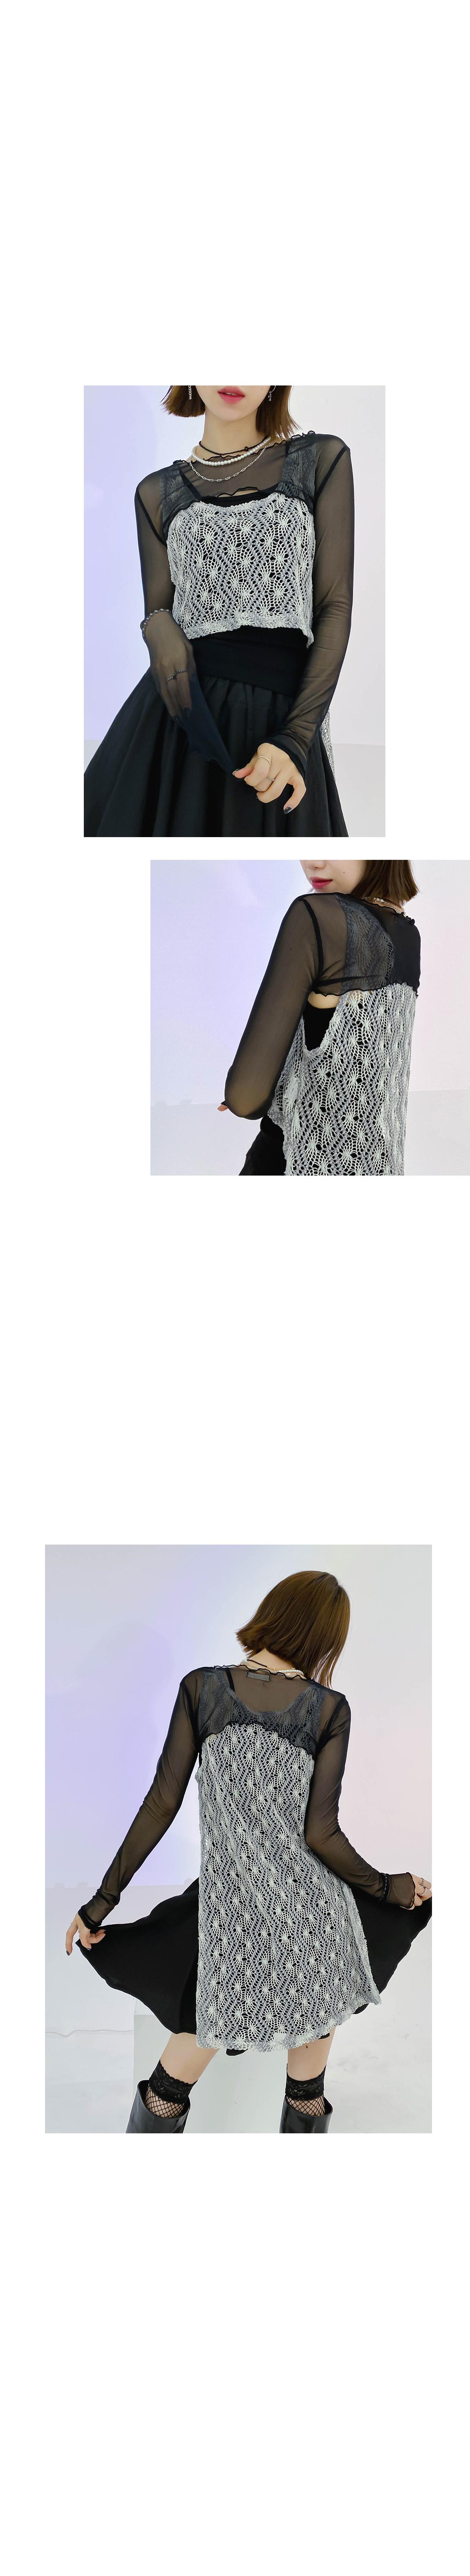 Unbala Net Knit